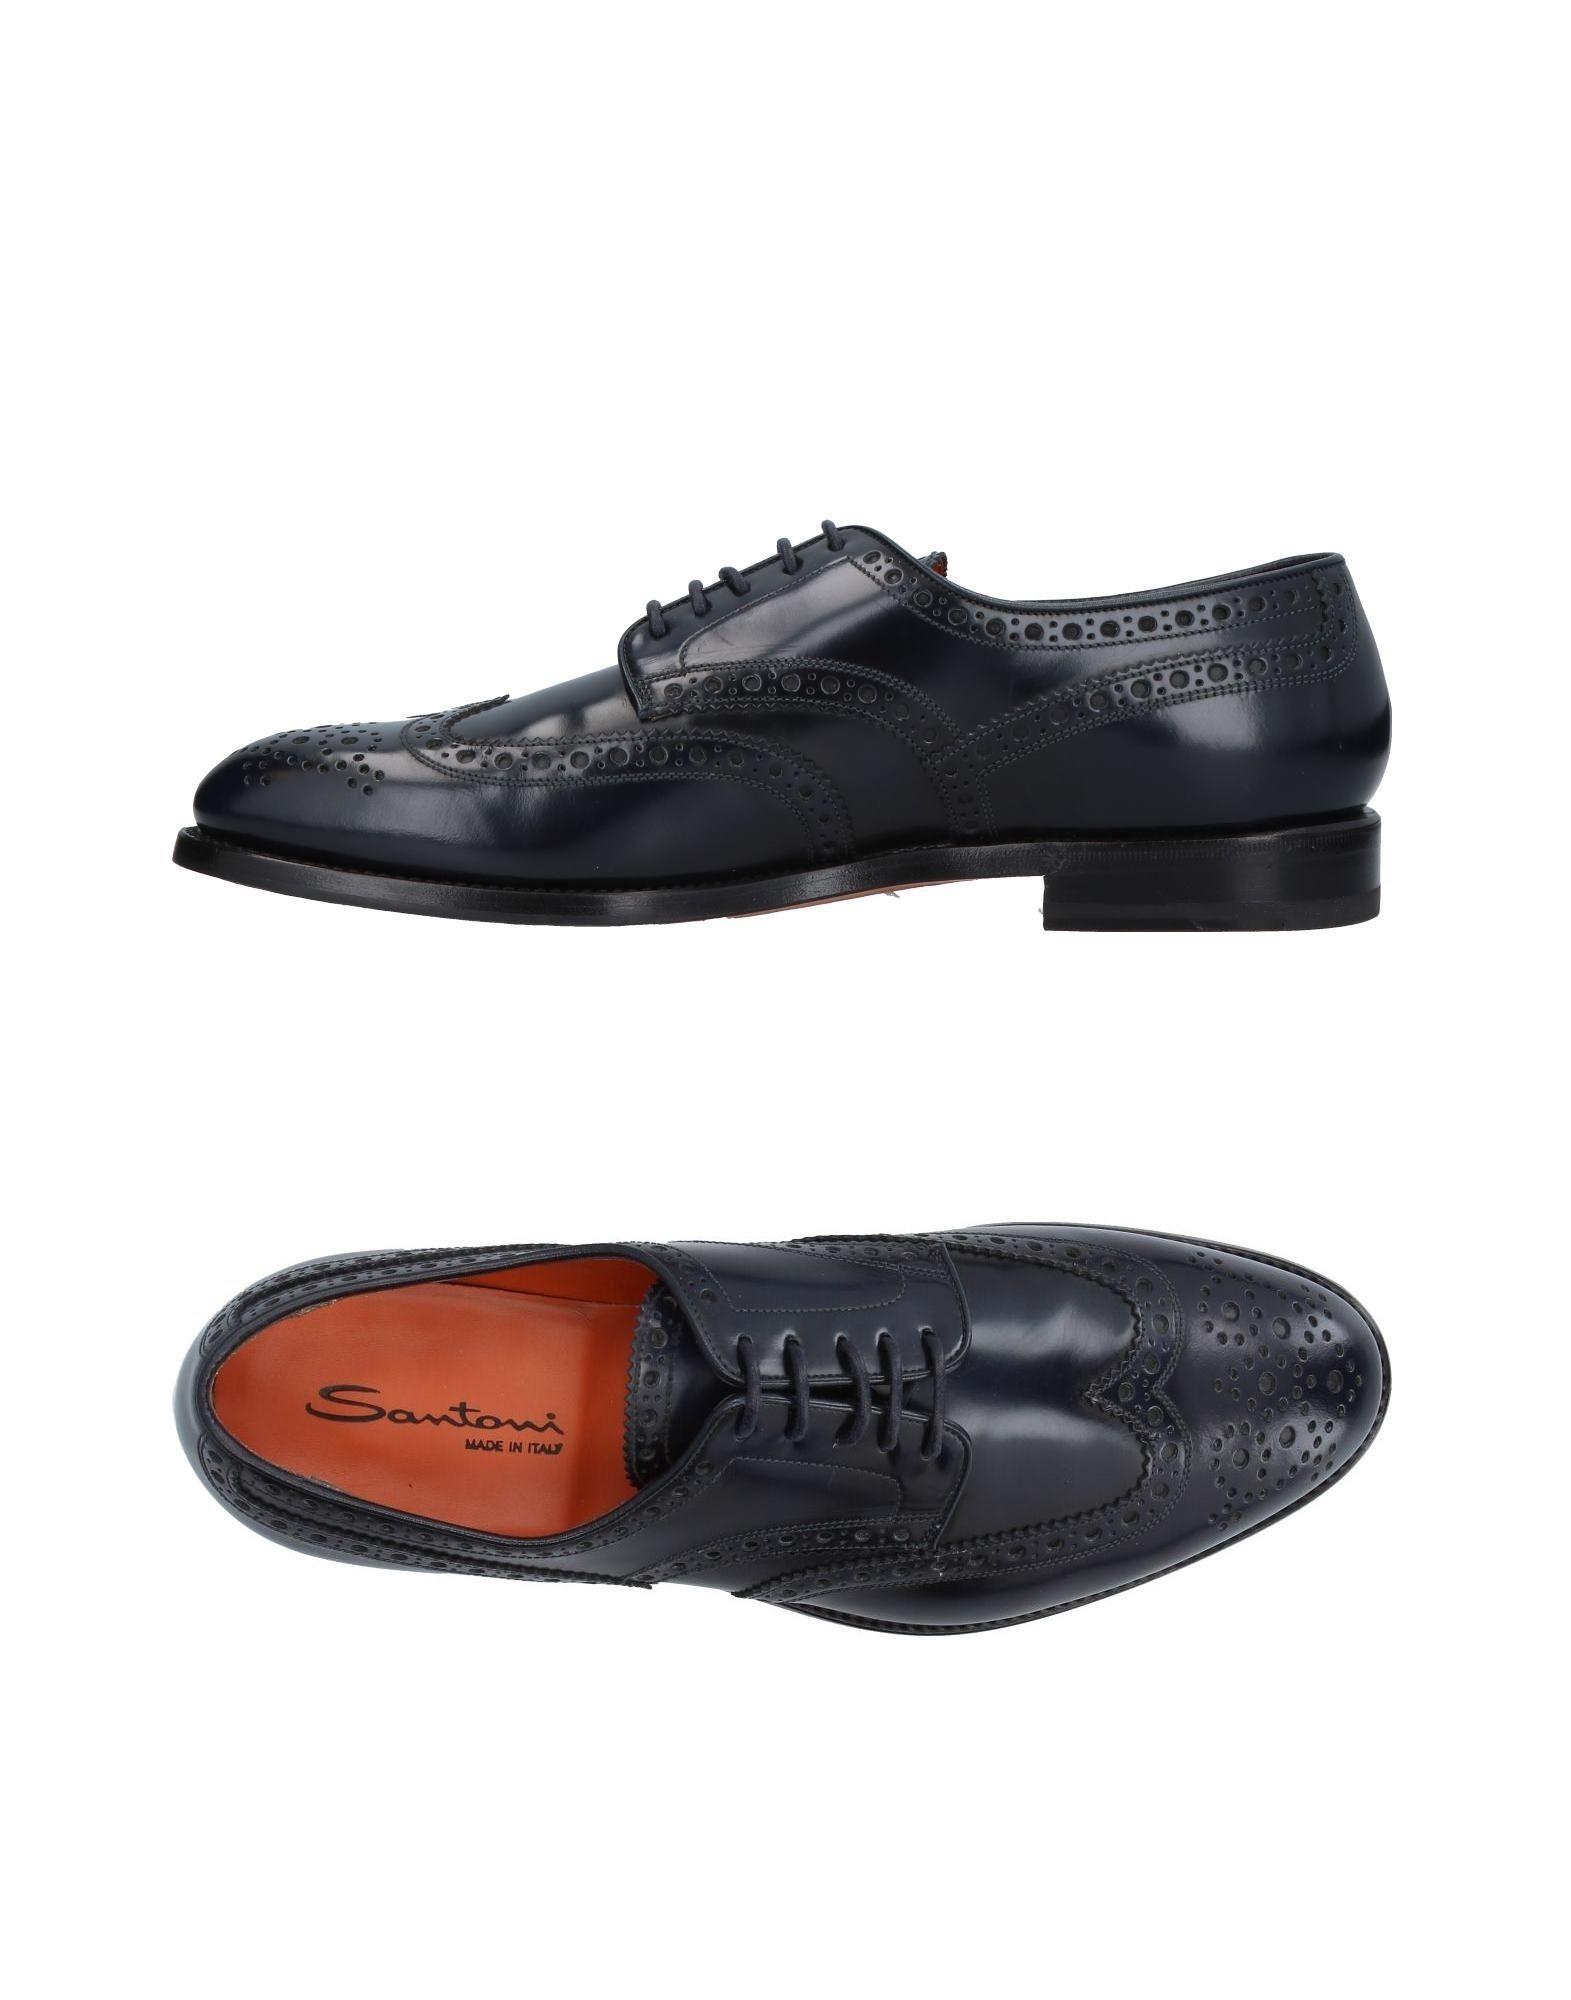 Santoni Schnürschuhe Herren  11410238TT Gute Qualität beliebte Schuhe